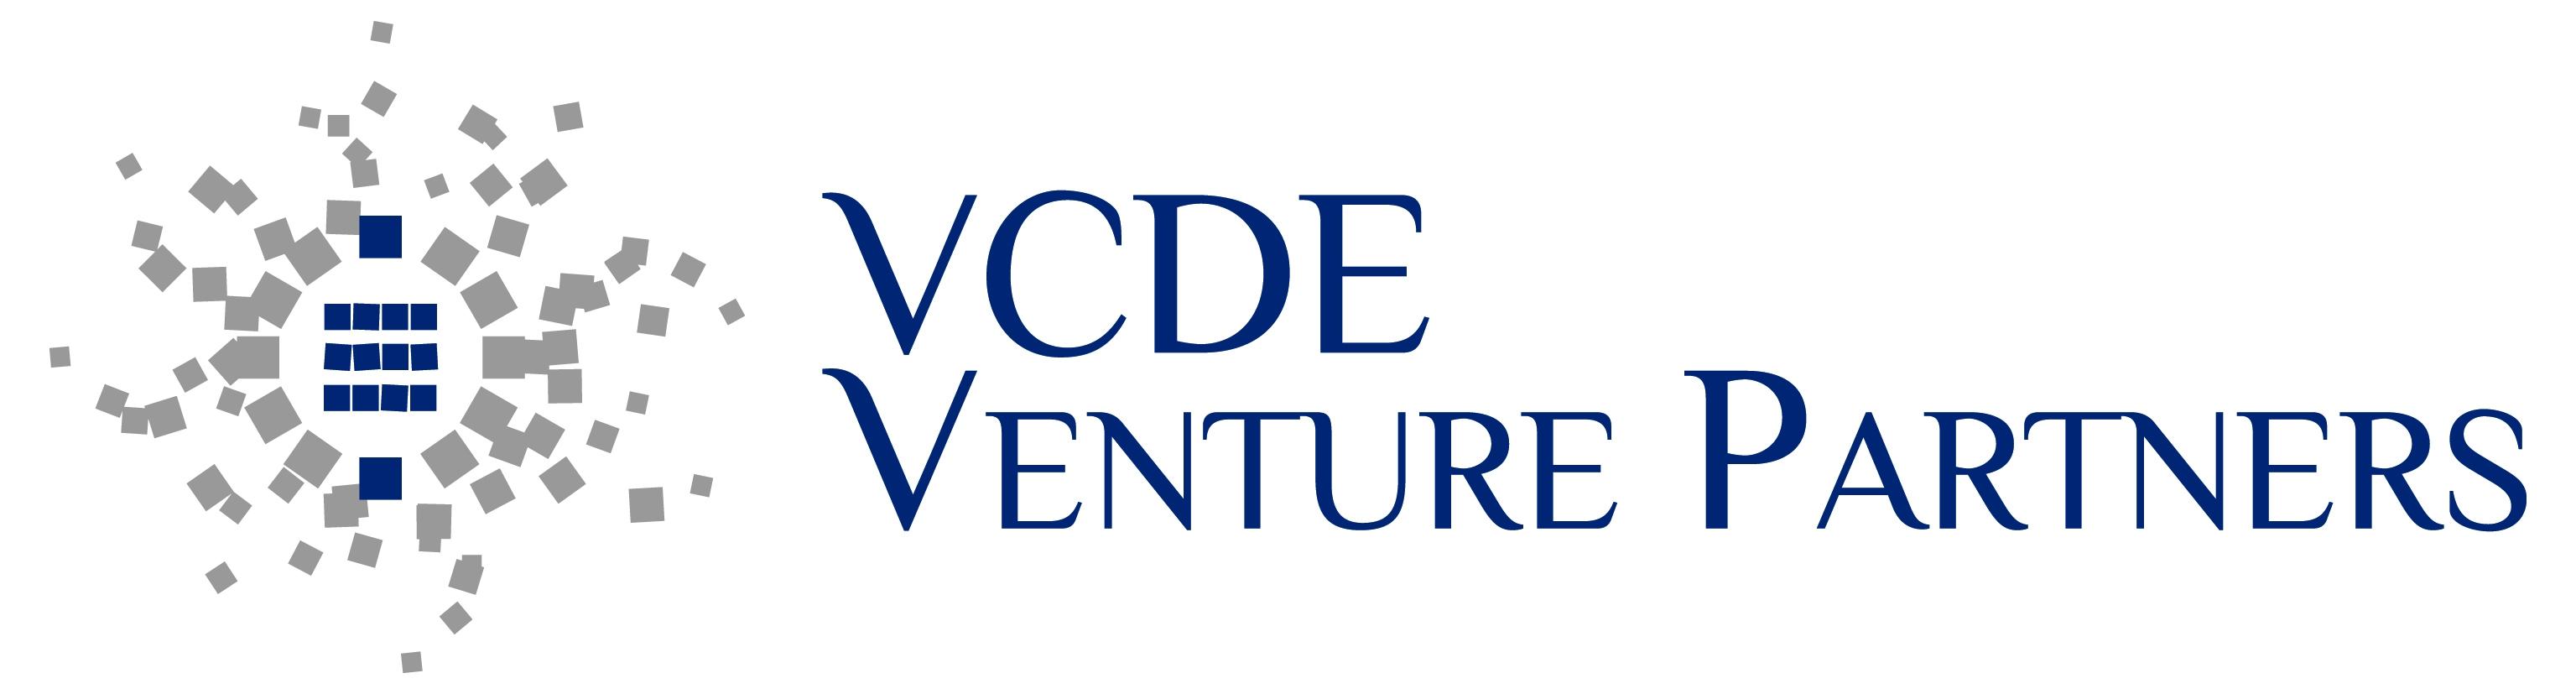 VCDE Venture Partners / venturecapital.de